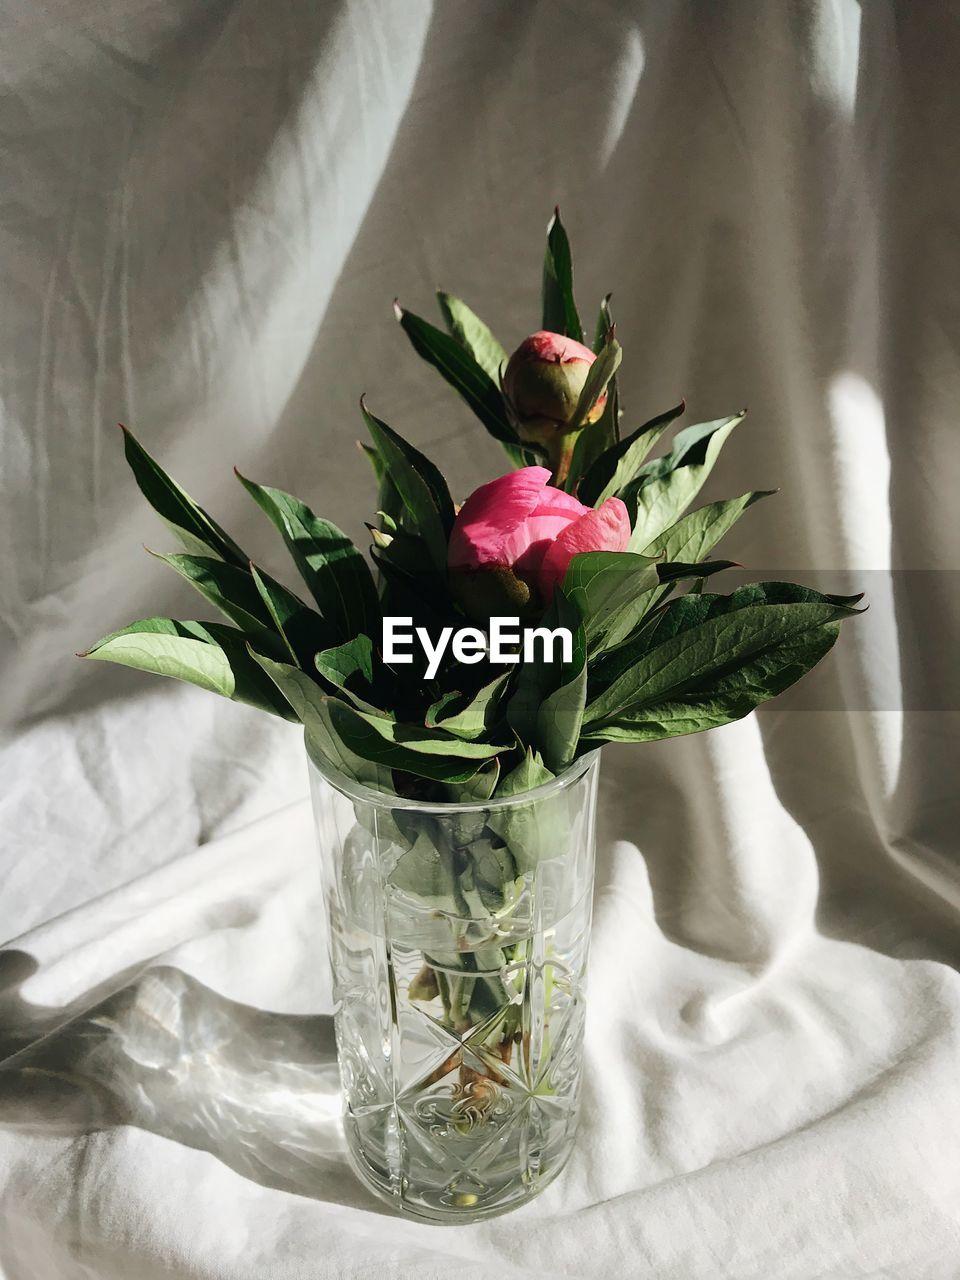 CLOSE-UP OF ROSE FLOWER IN VASE